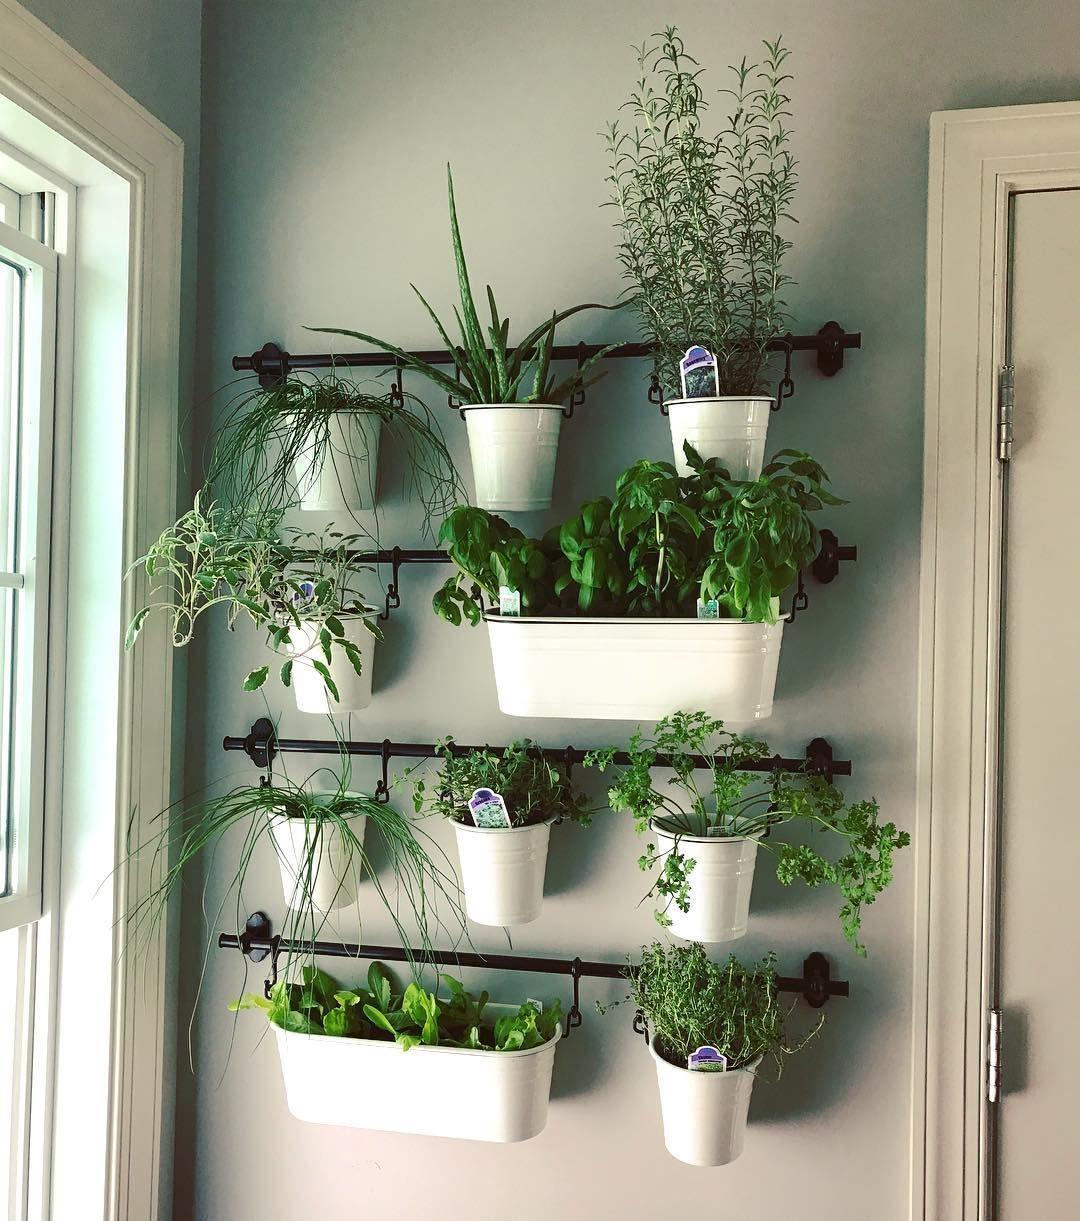 Indoor Kräutergärten auf Instagram zum Kochen Gut gut - #auf #Gut #HerbsGarden #Indoor #Instagram #Kochen #Kräutergarten #zum